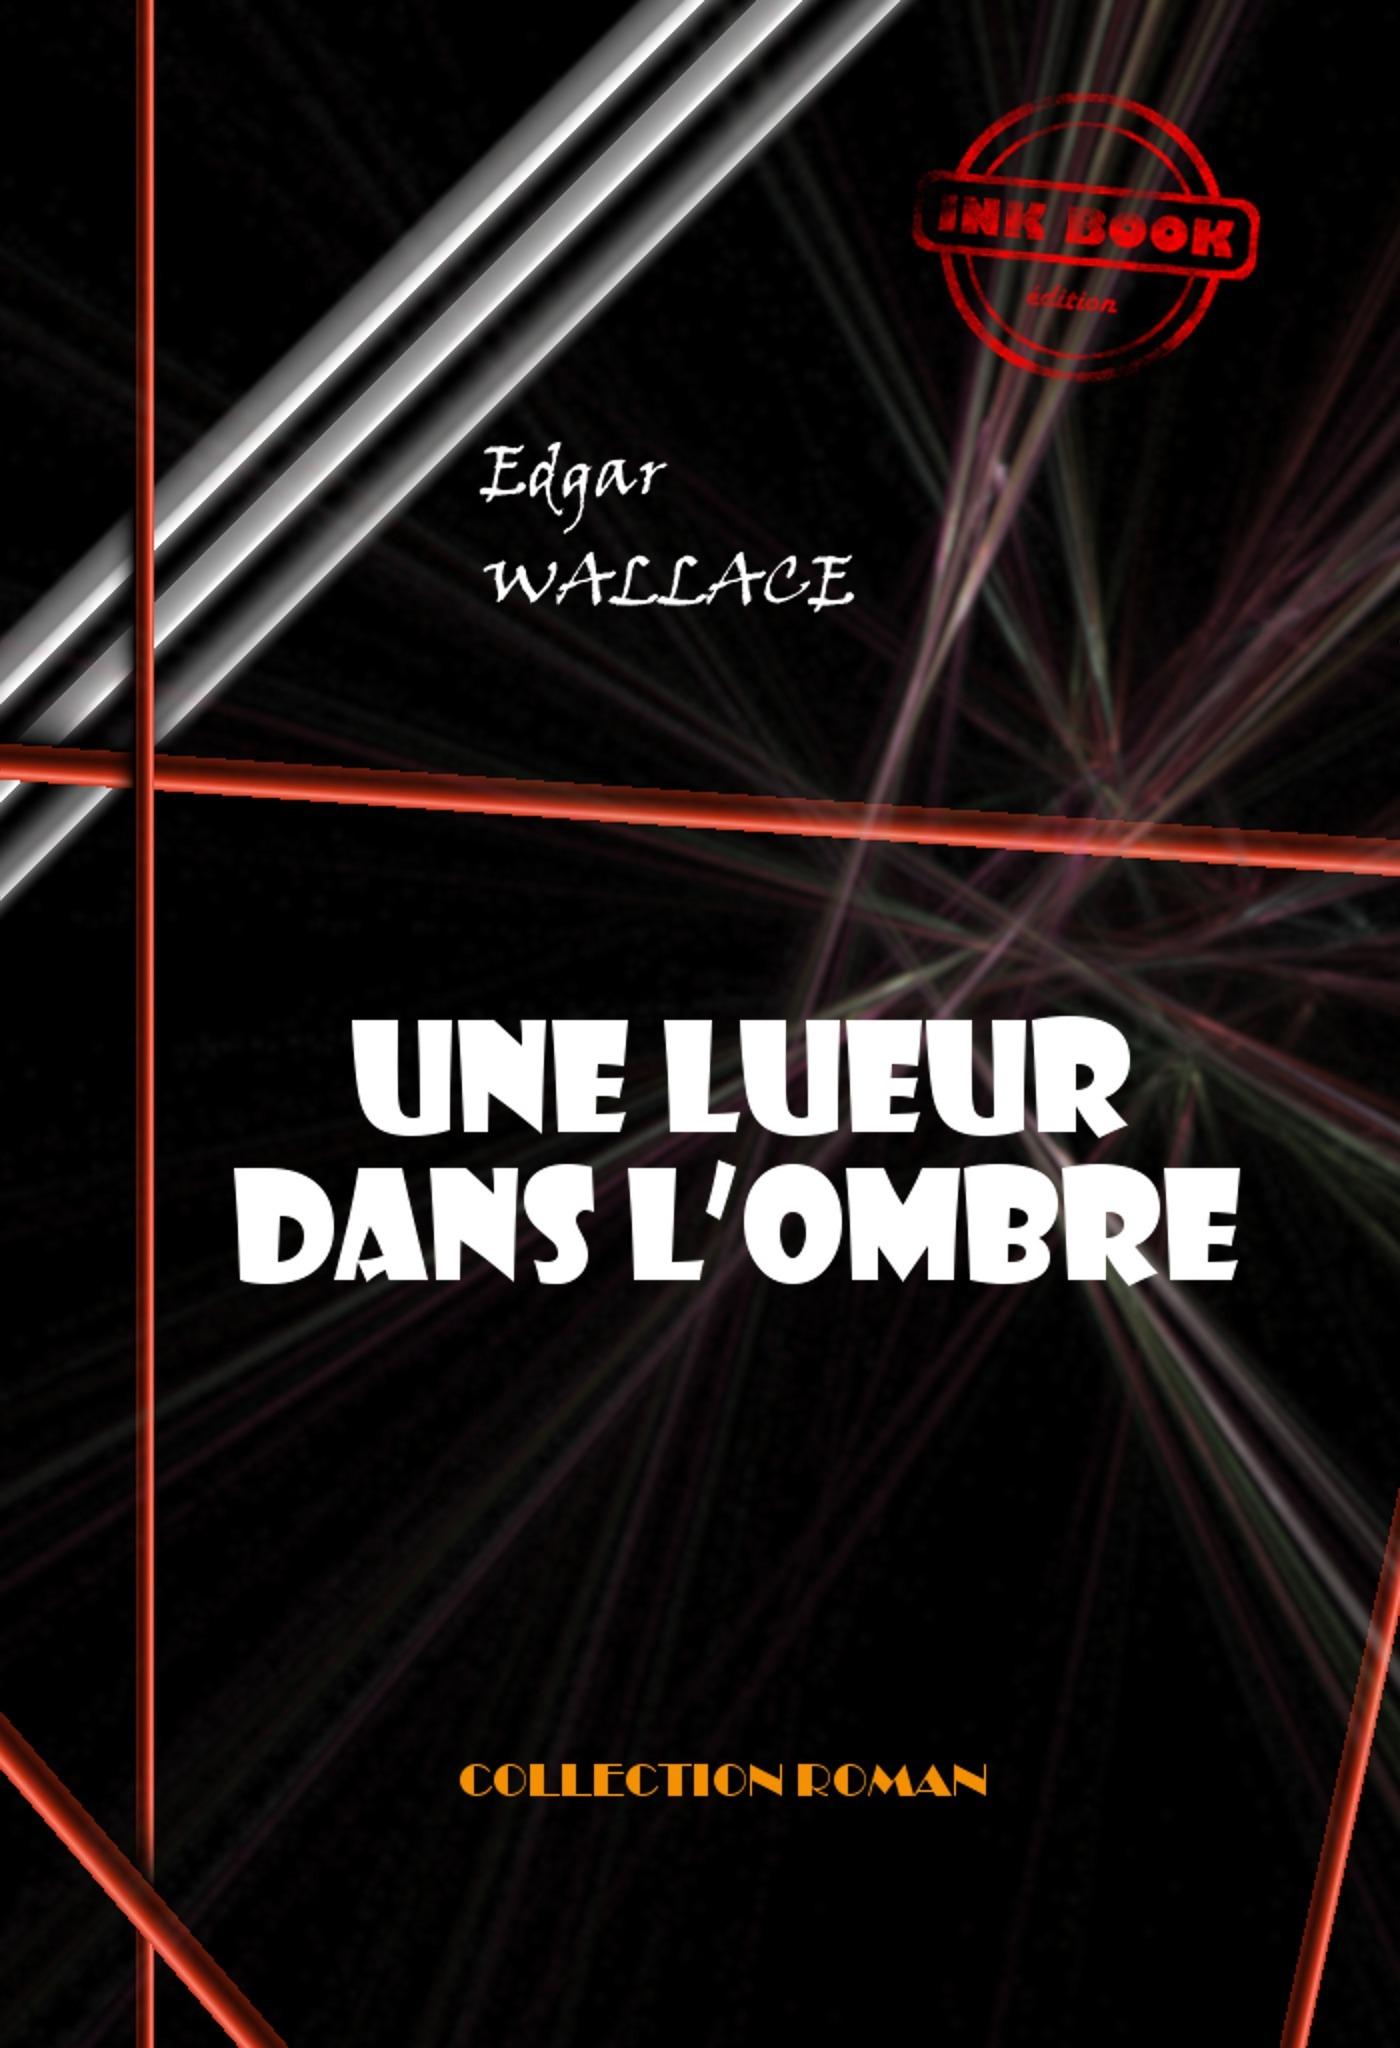 Une lueur dans l'ombre  - Edgar WALLACE